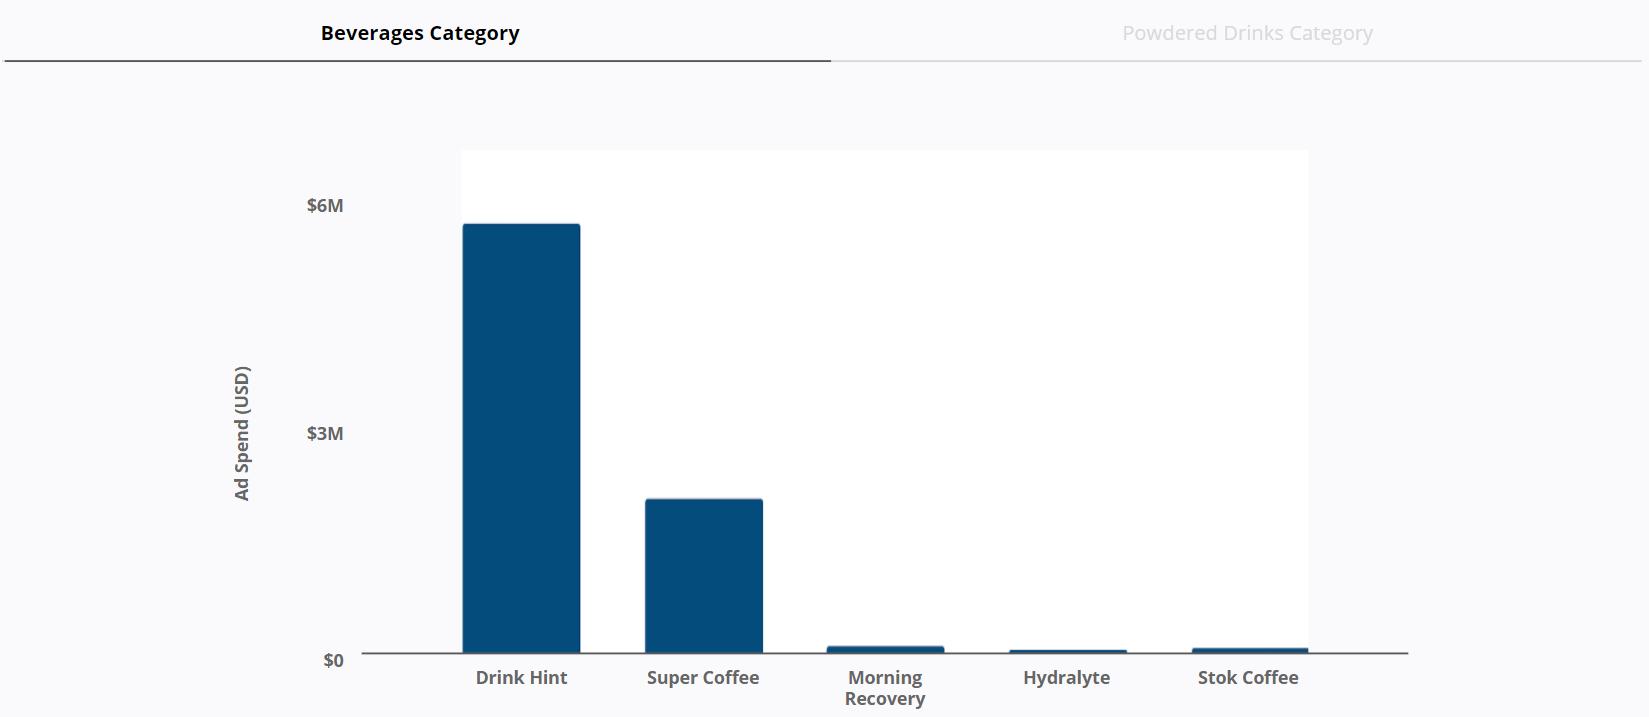 Beverages Category - Beverage Brands - Ad Spend